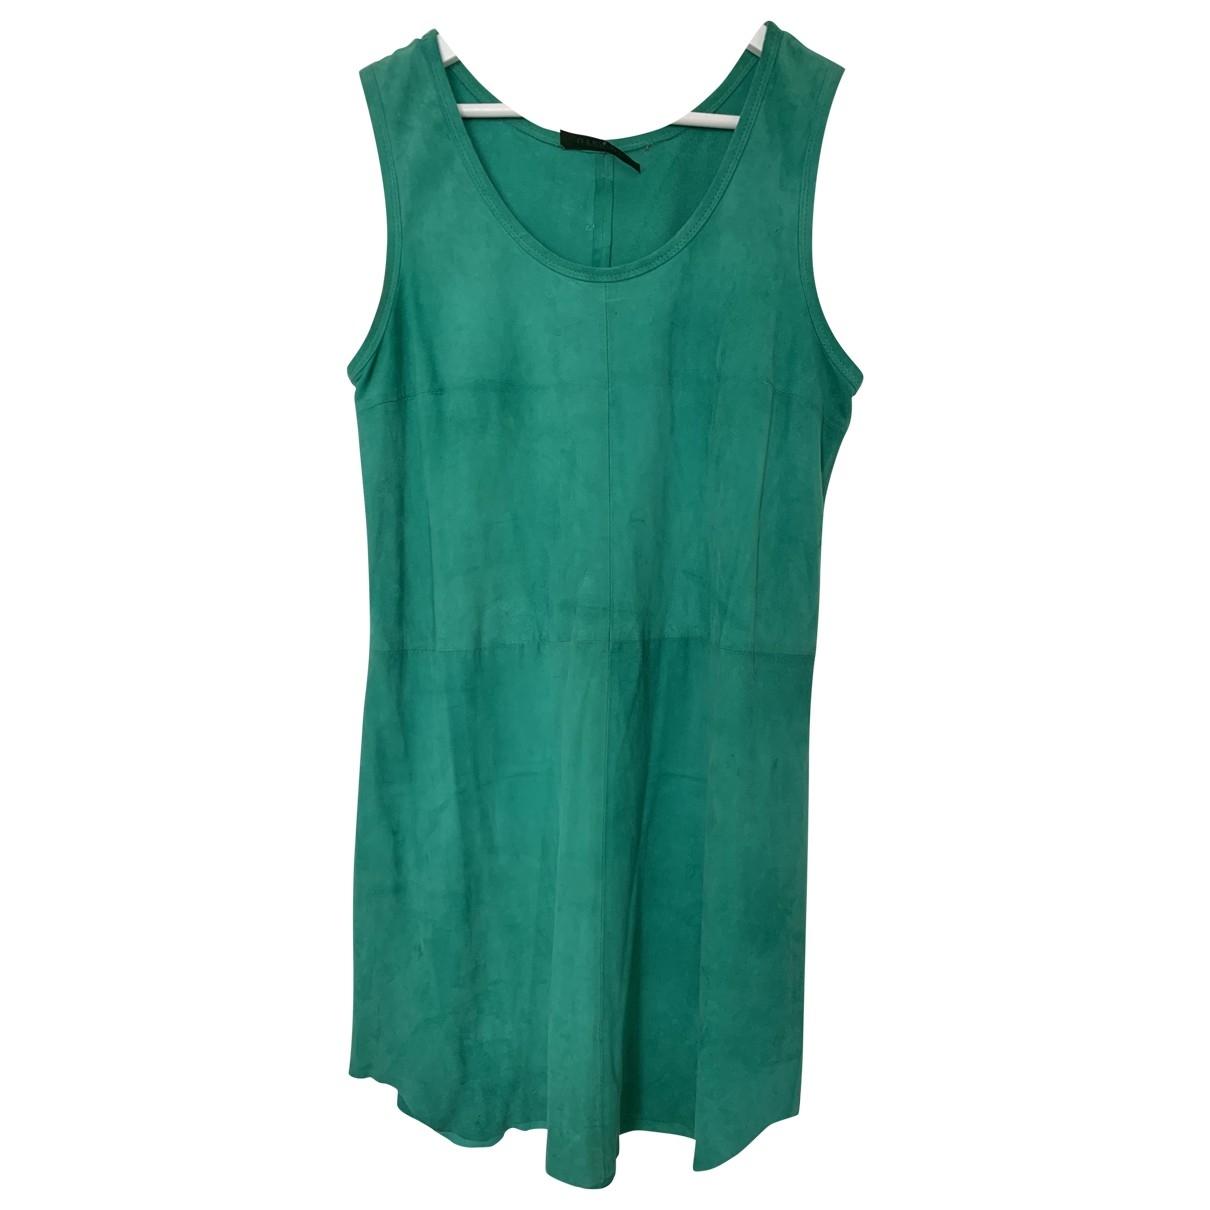 Uterque \N Kleid in  Gruen Veloursleder